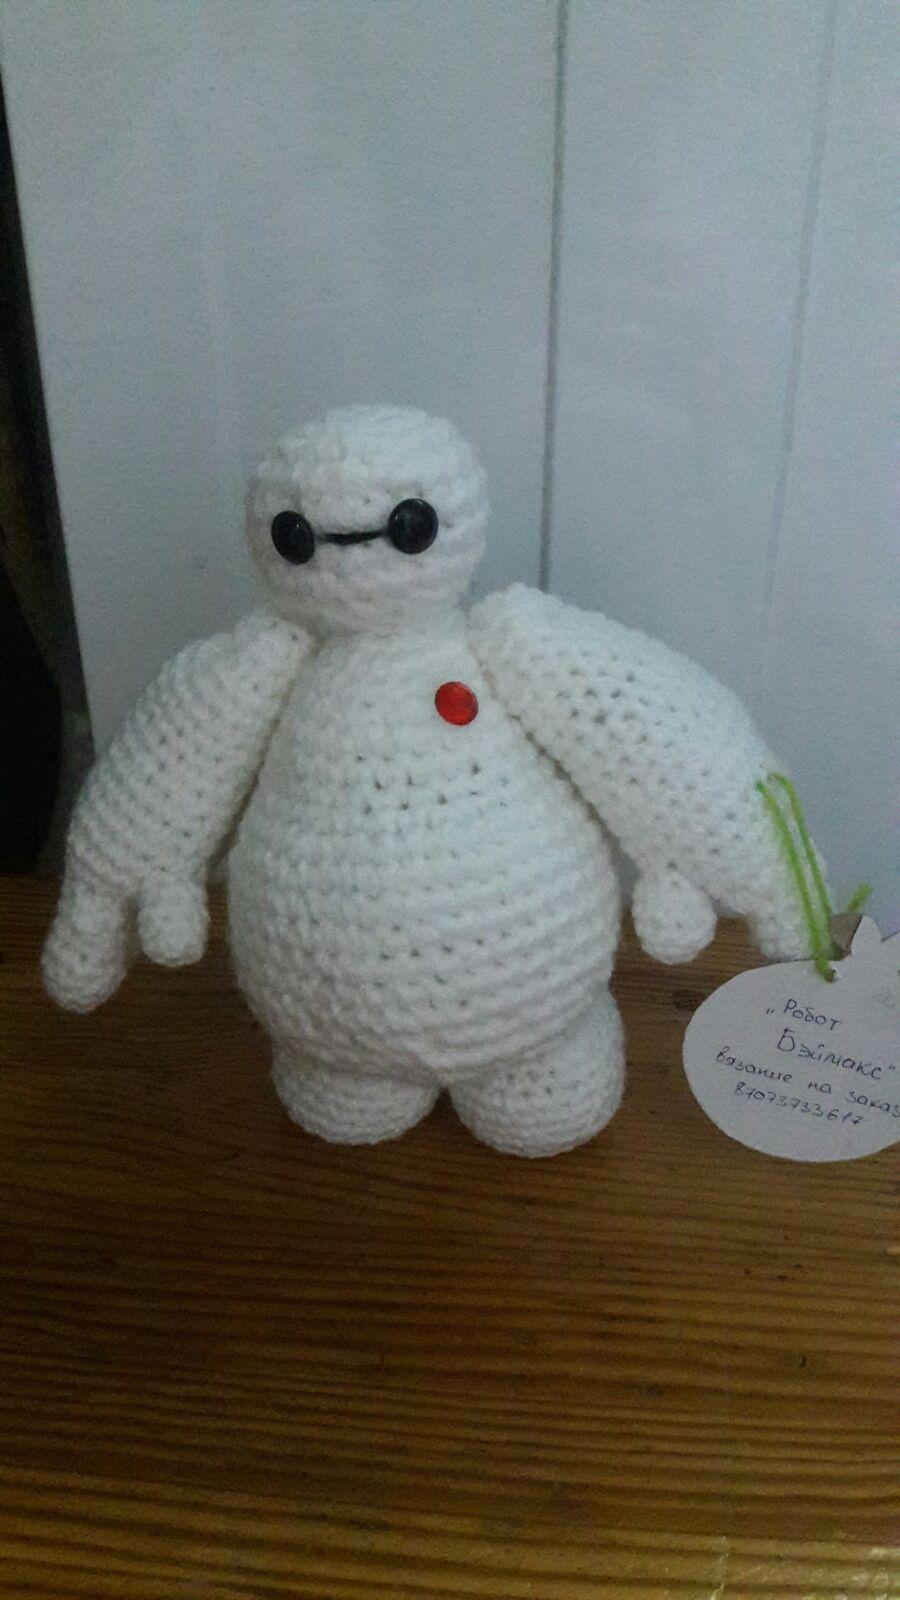 toy kids robot white knitting